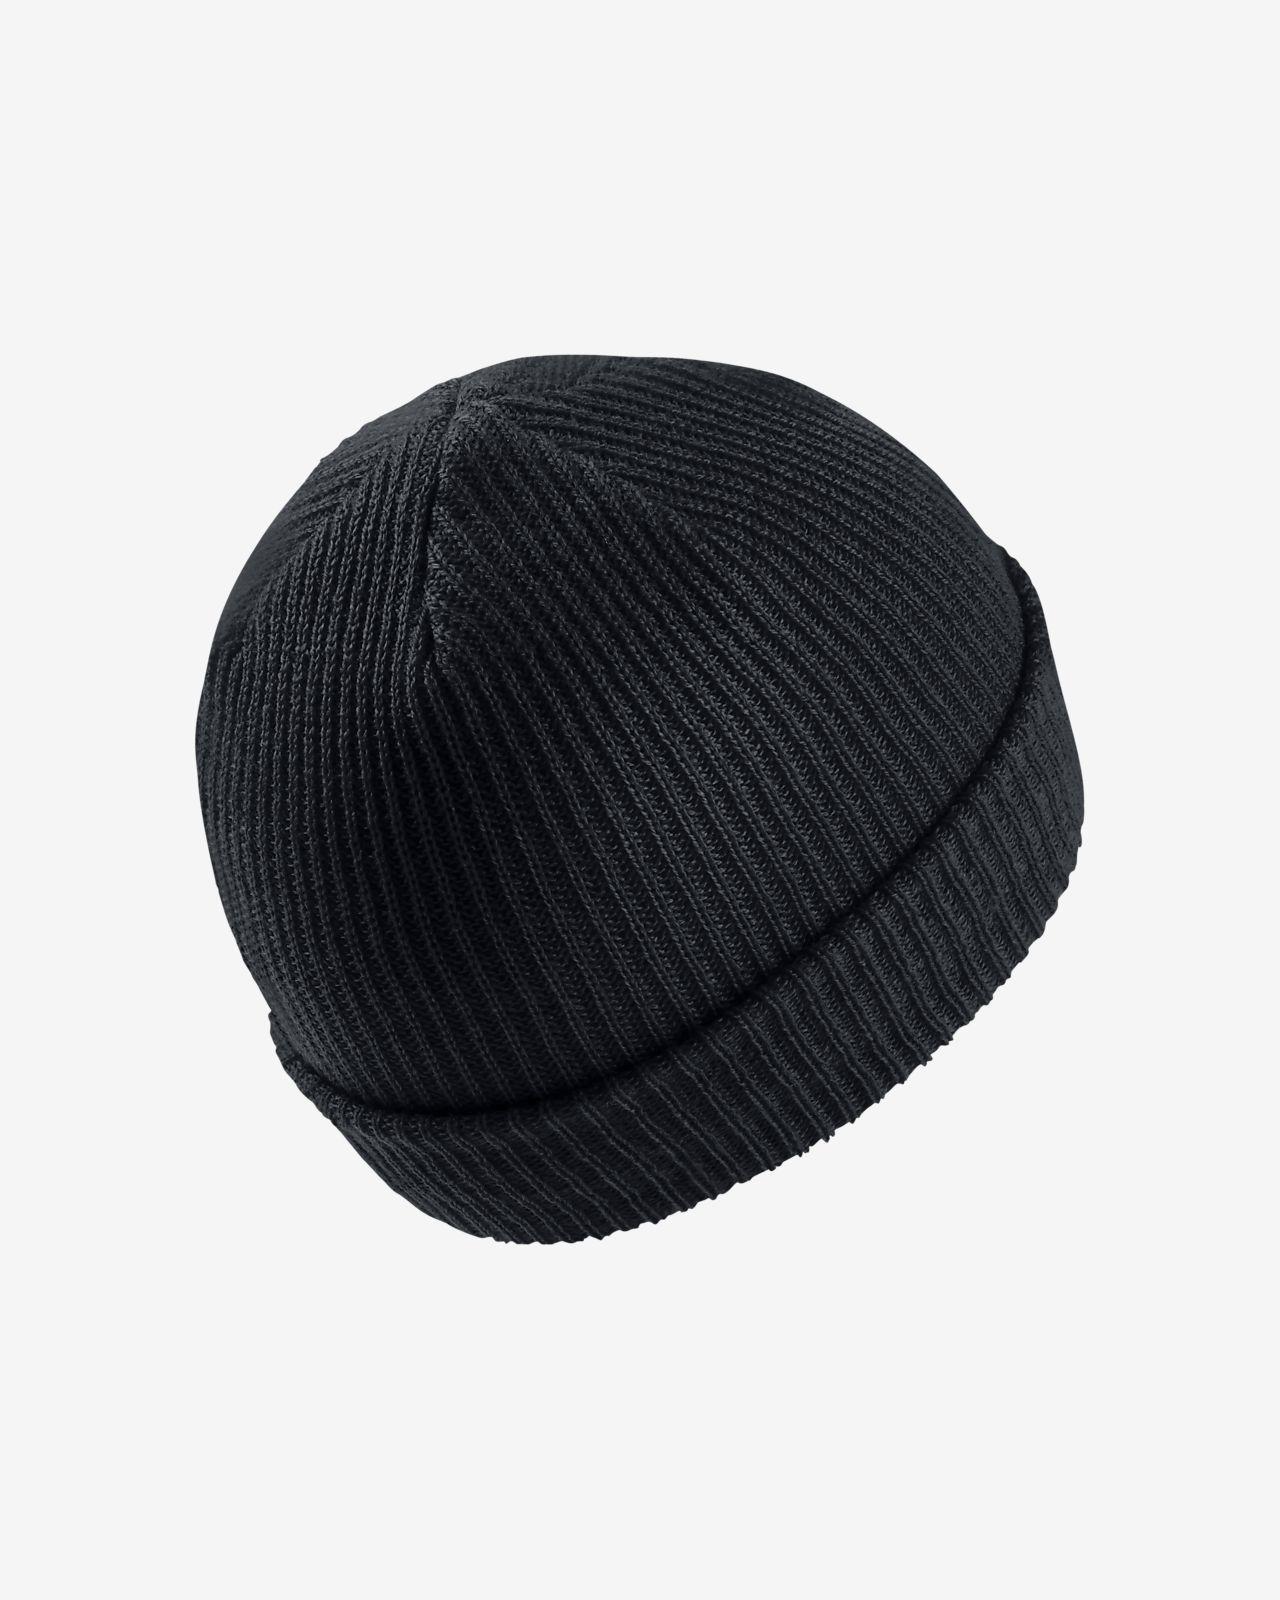 0b6f15c97 Nike SB Fisherman Knit Hat